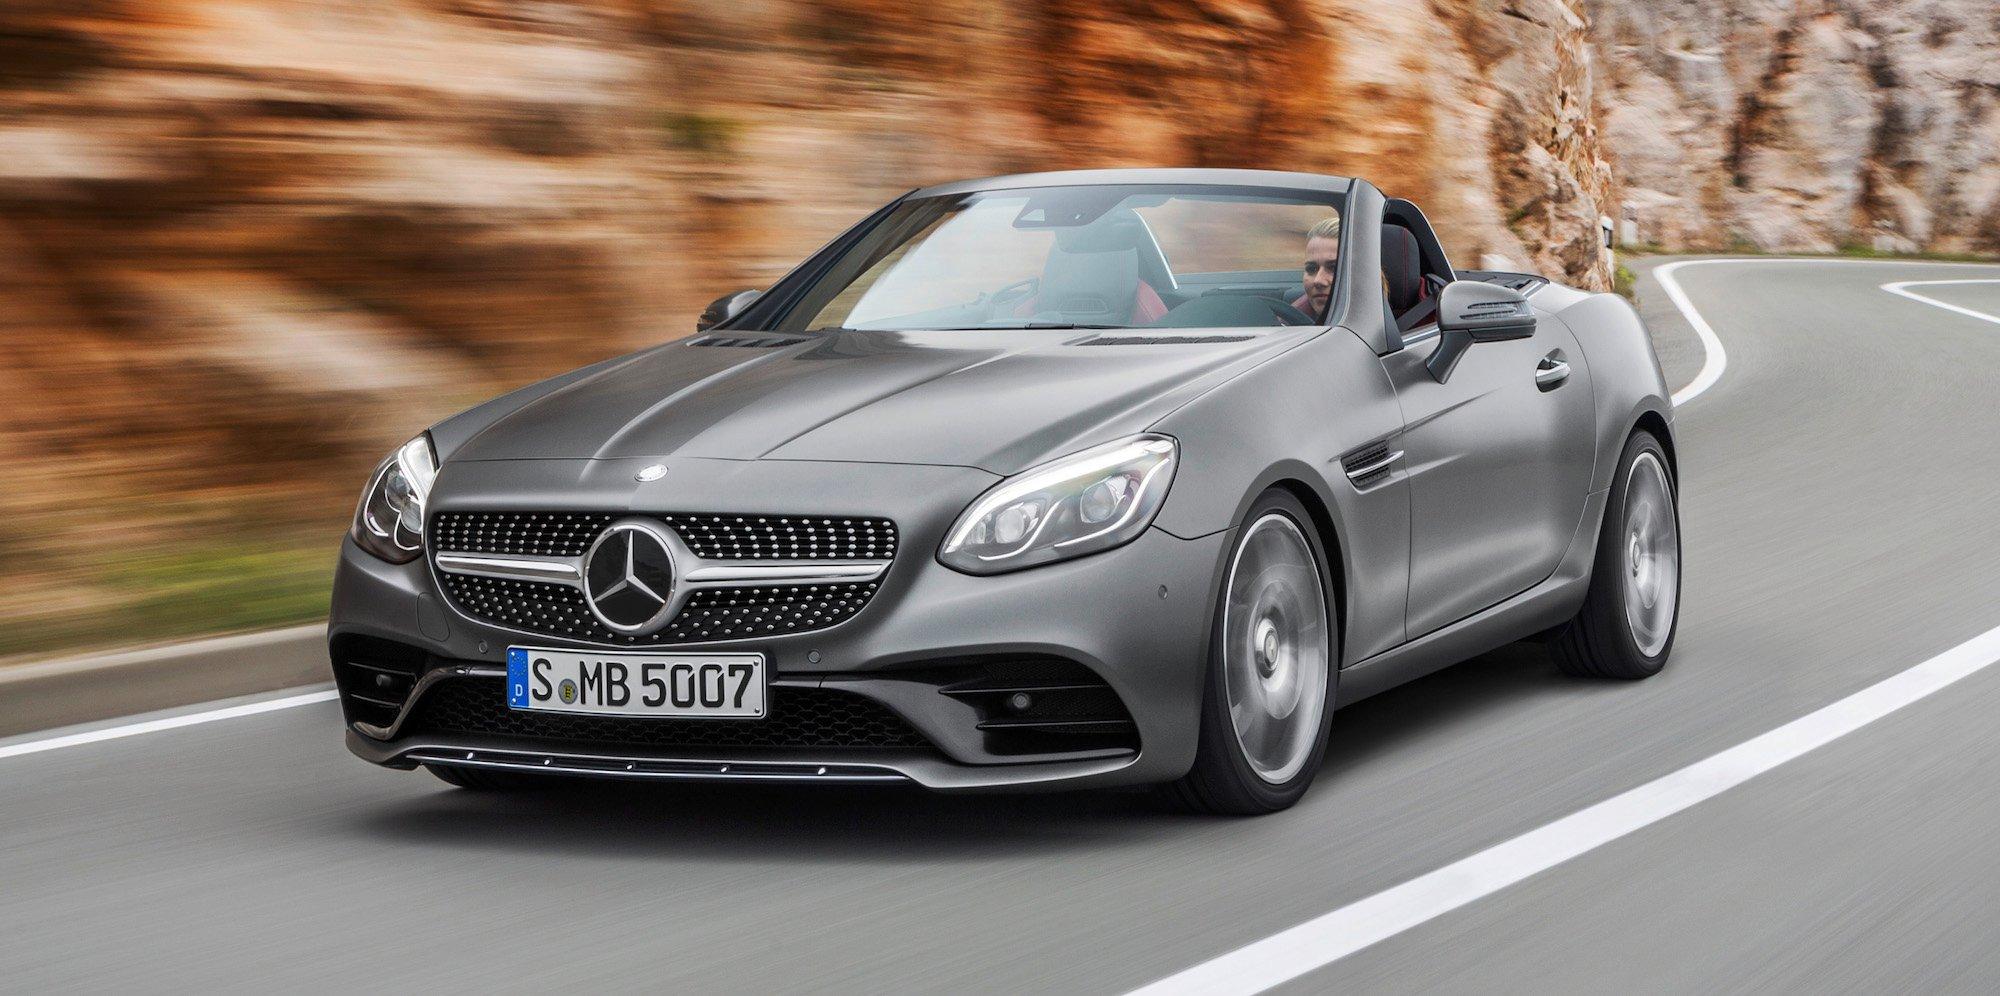 2016 mercedes benz slc revealed mercedes amg slc43 v6 for Mercedes benz slk 2018